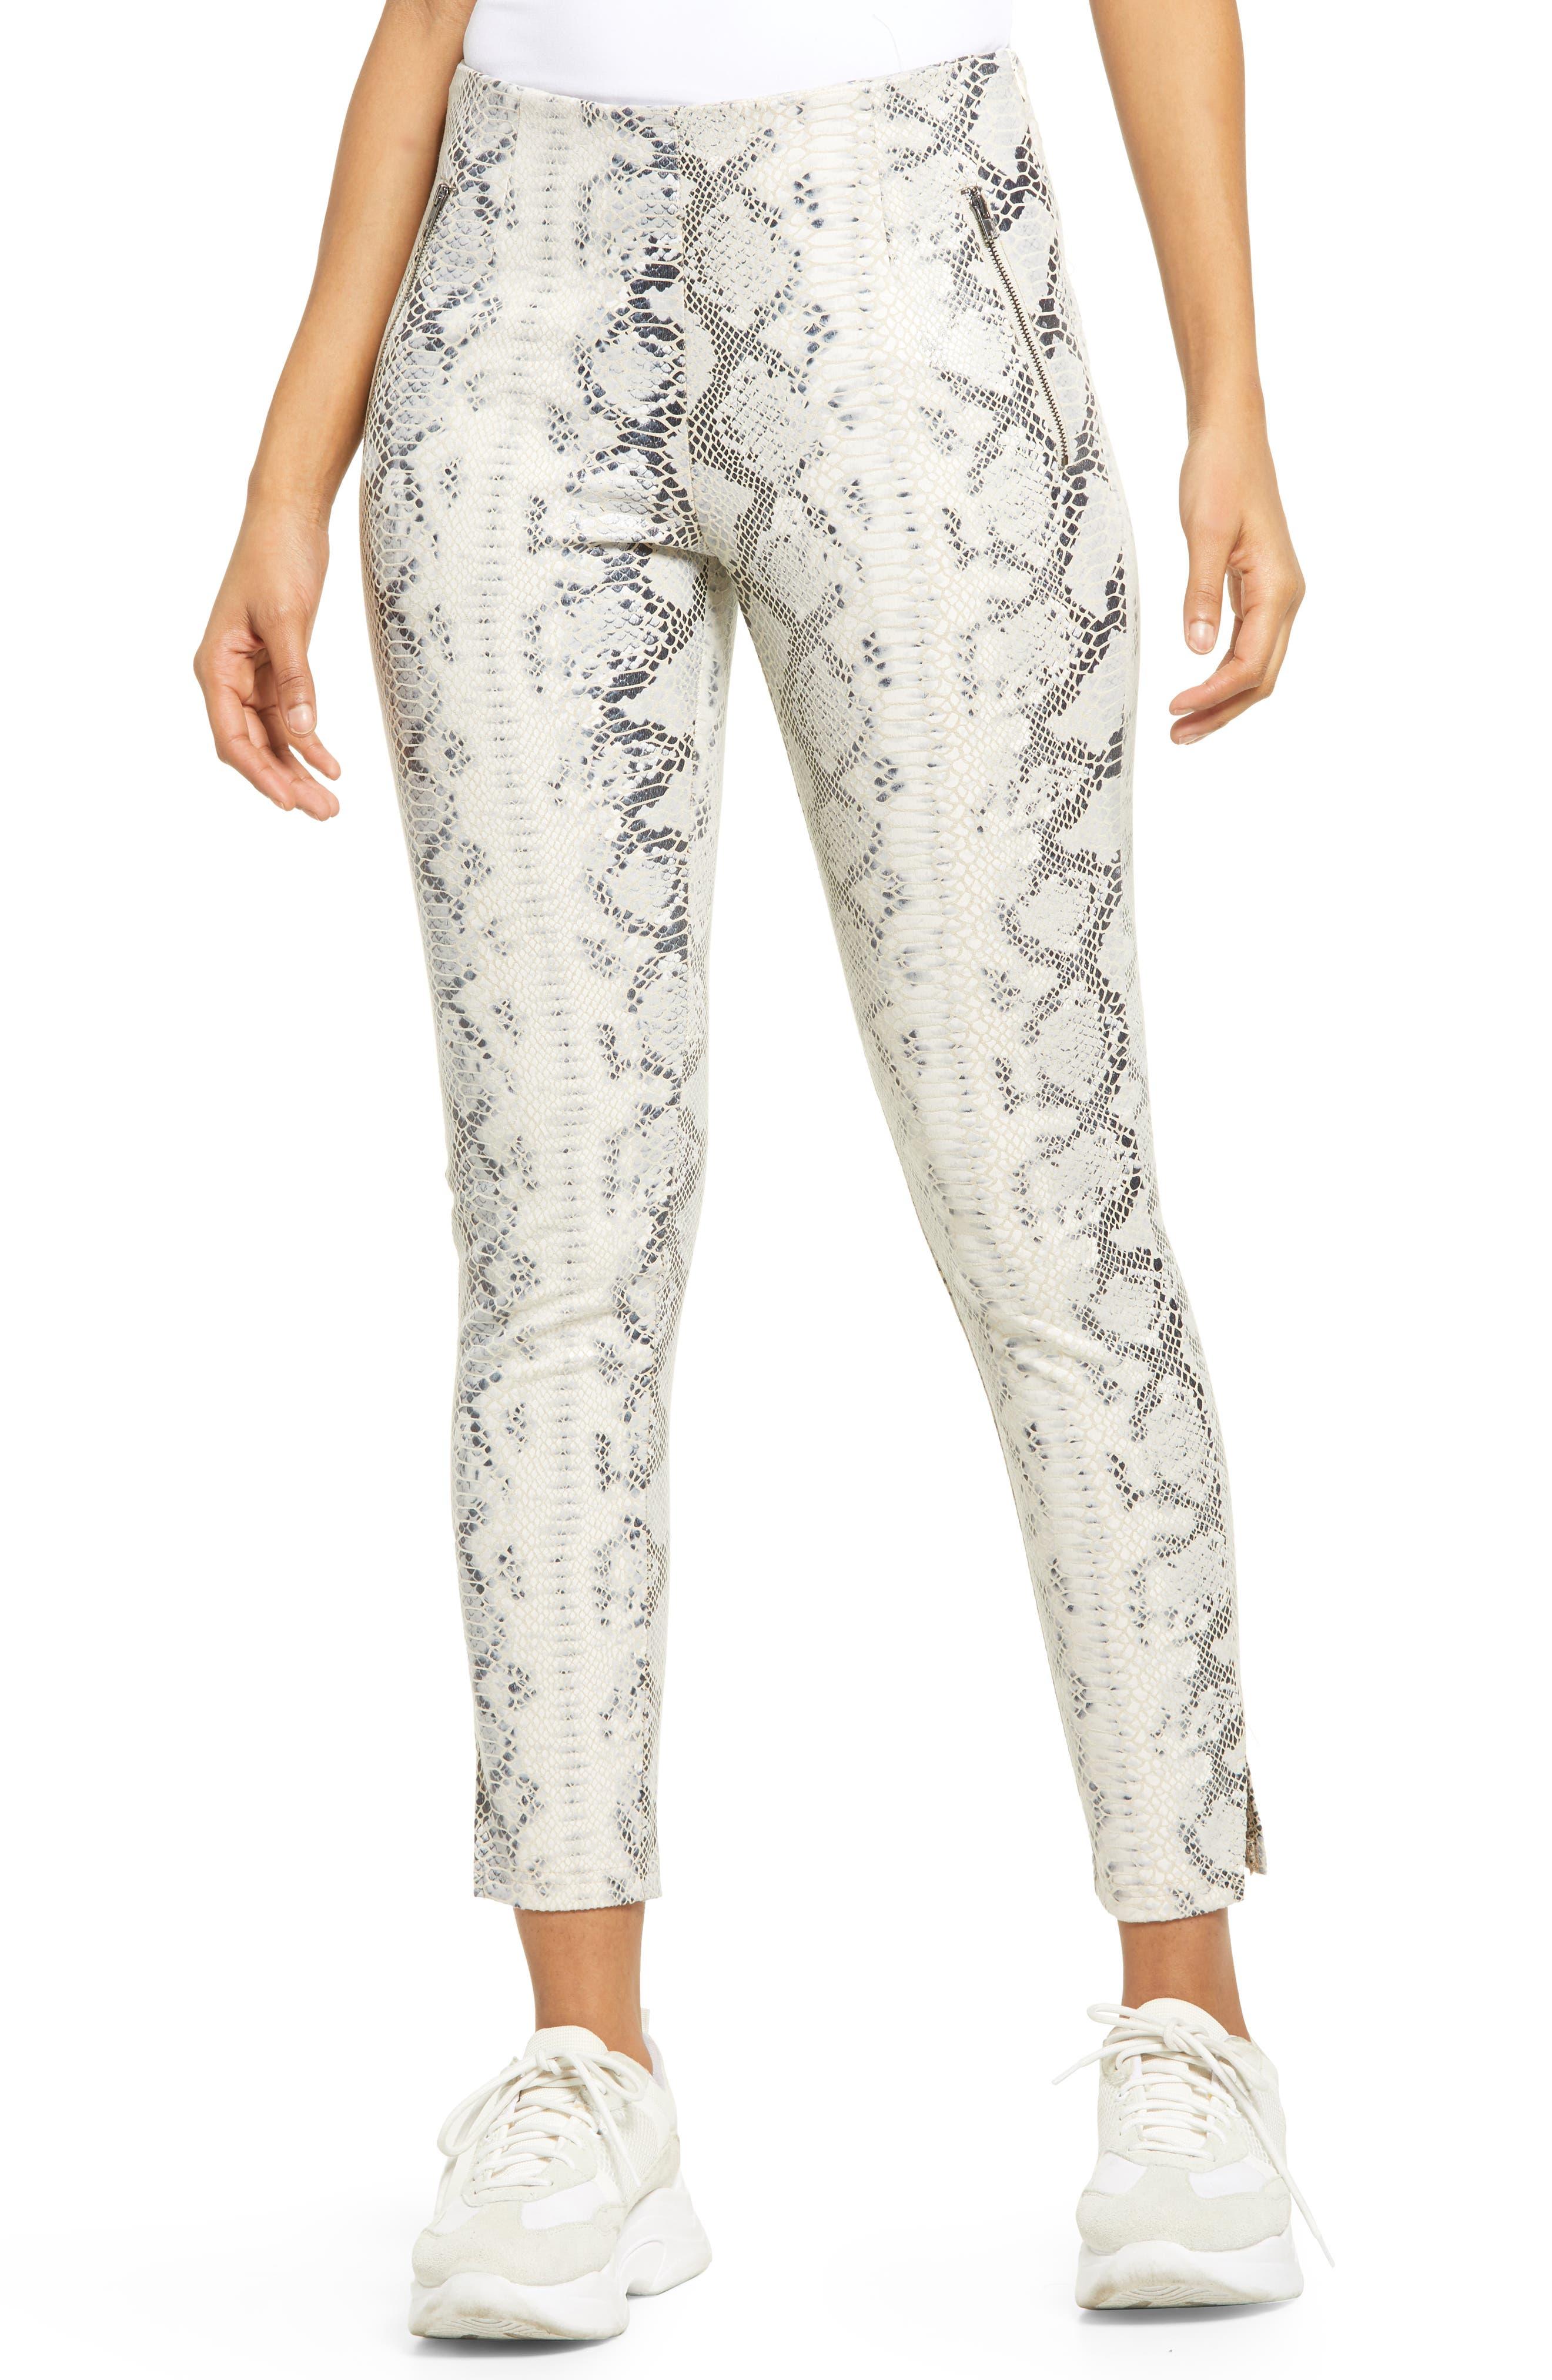 Women's Kendall + Kylie High Waist Snakeskin Print Pants